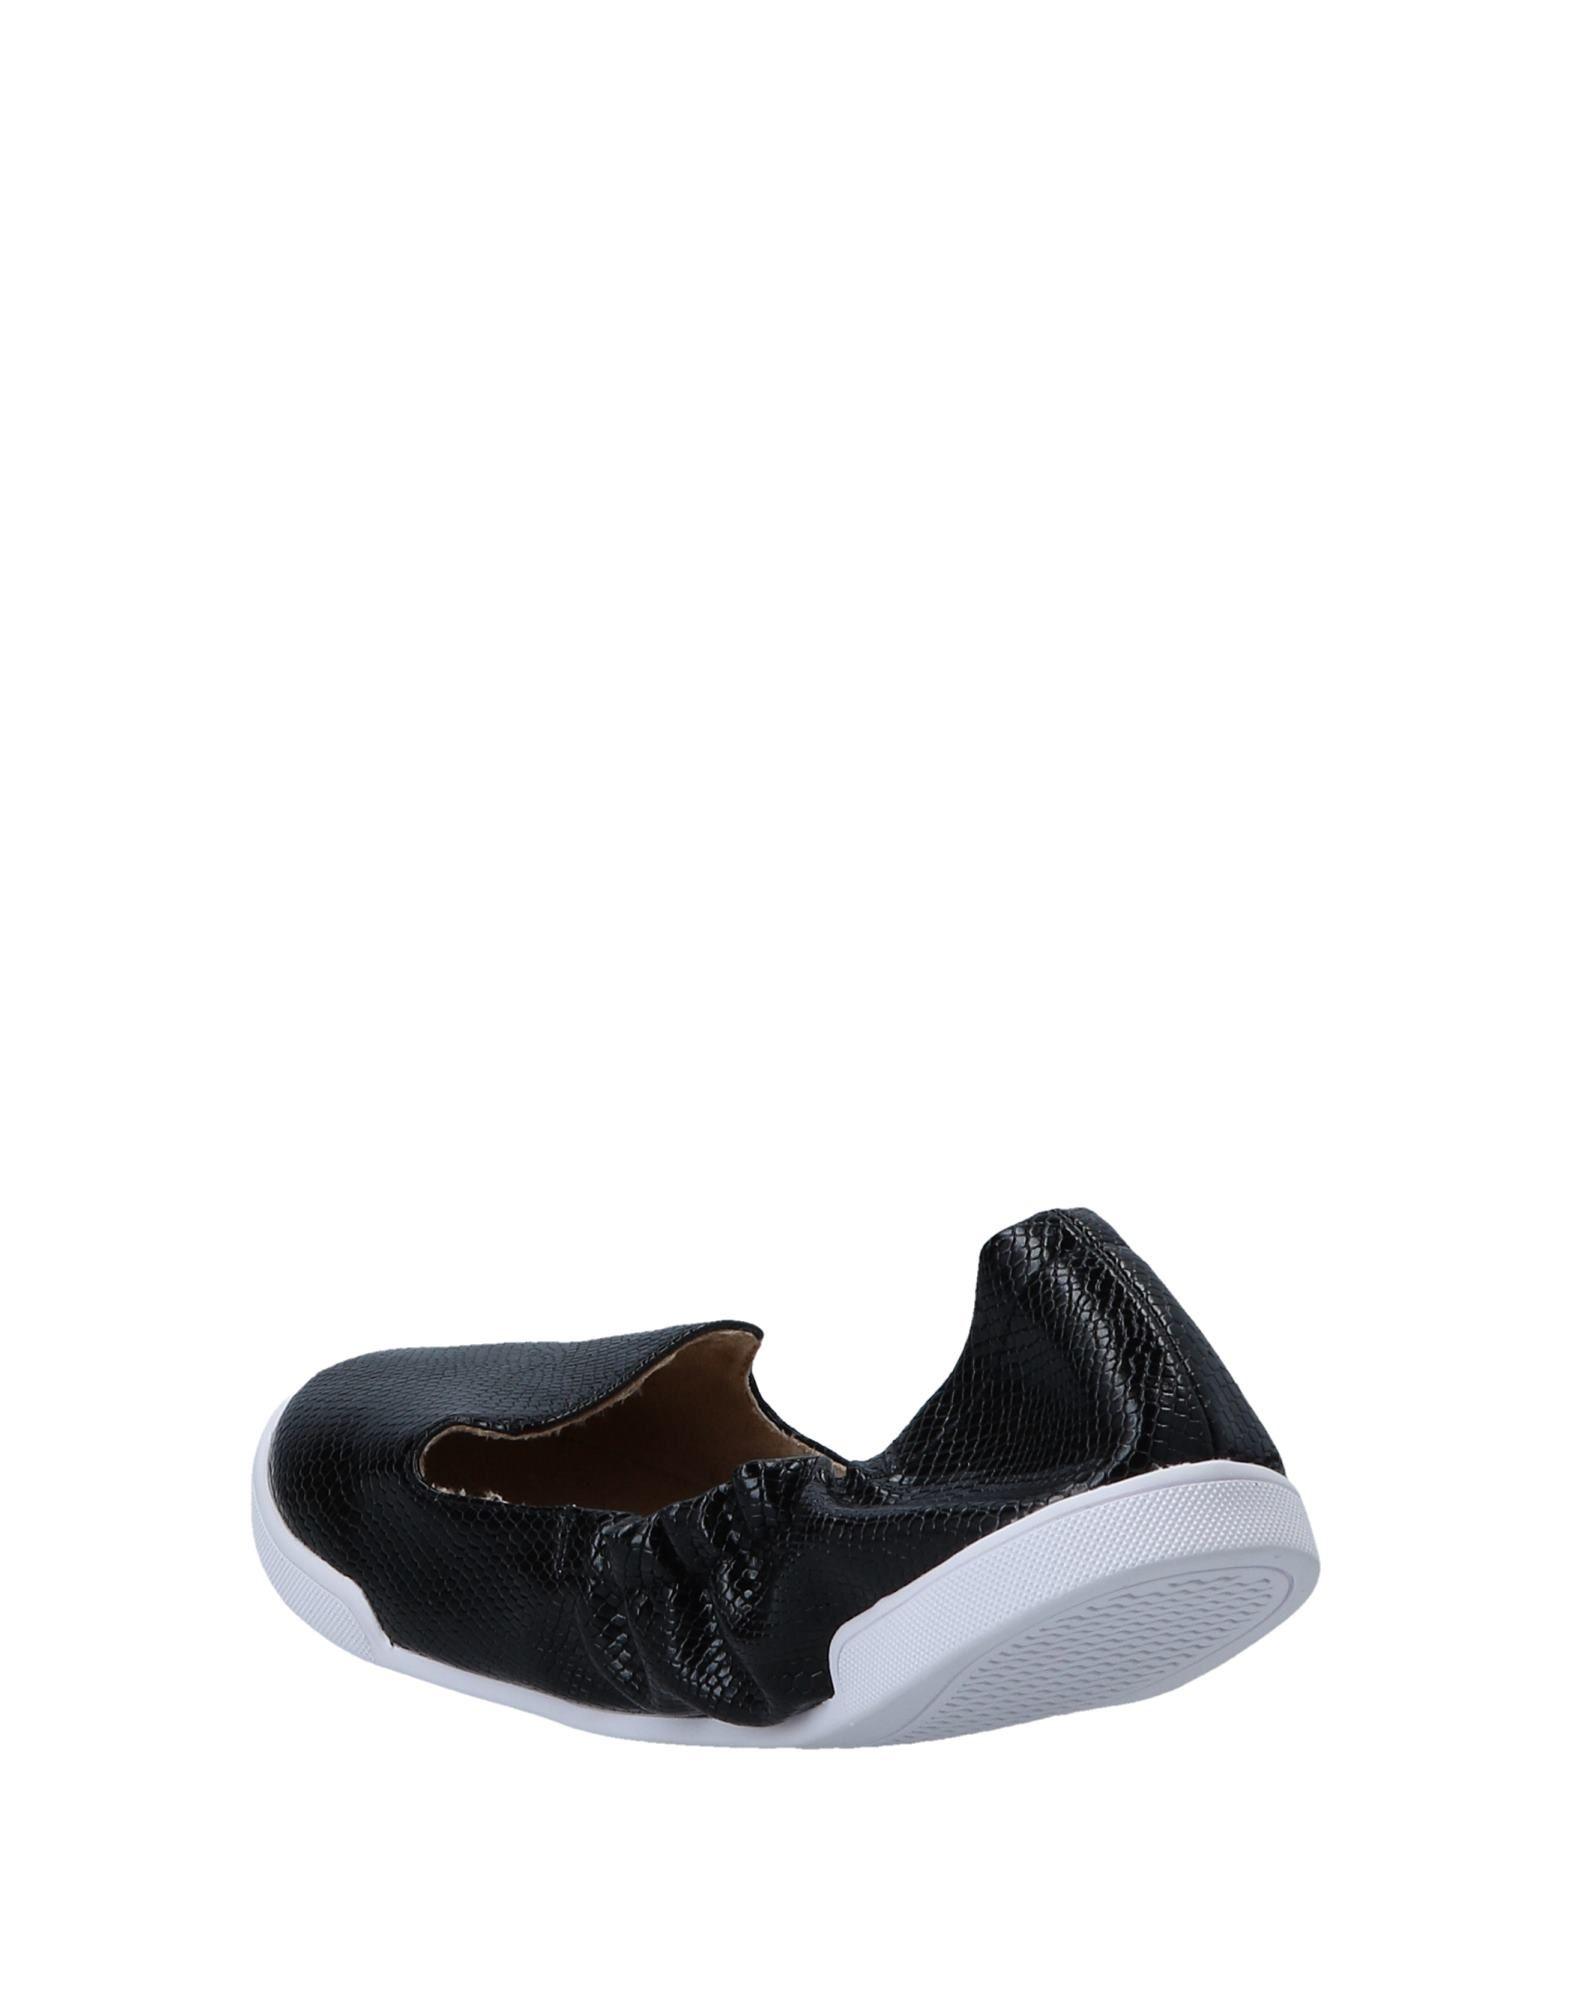 Butterfly Twists Mokassins Damen  Schuhe 11558390WJ Gute Qualität beliebte Schuhe  50d100